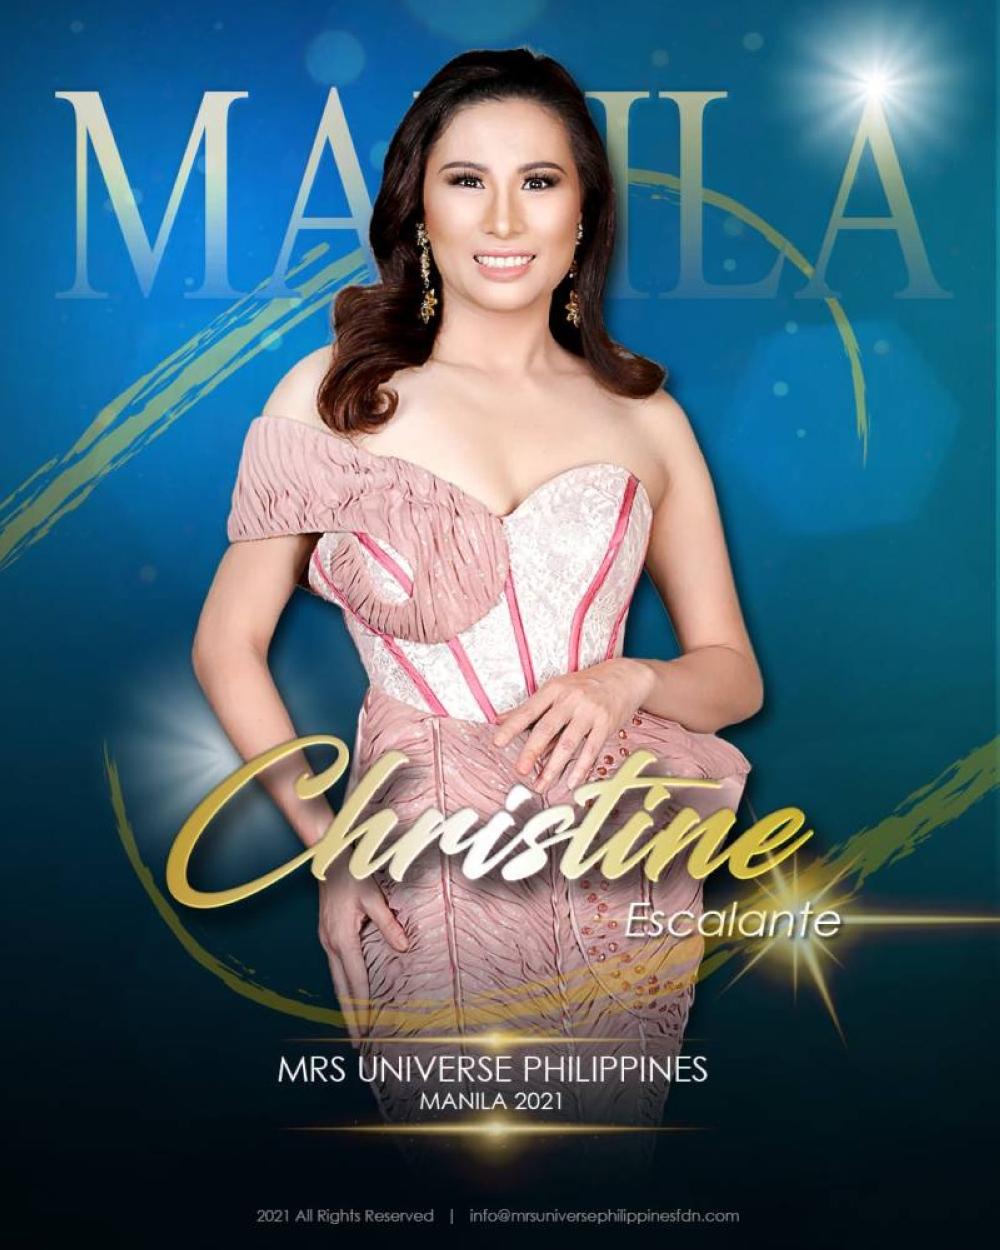 Christine Escalante, Gng. Universe Philippines Manila 2021